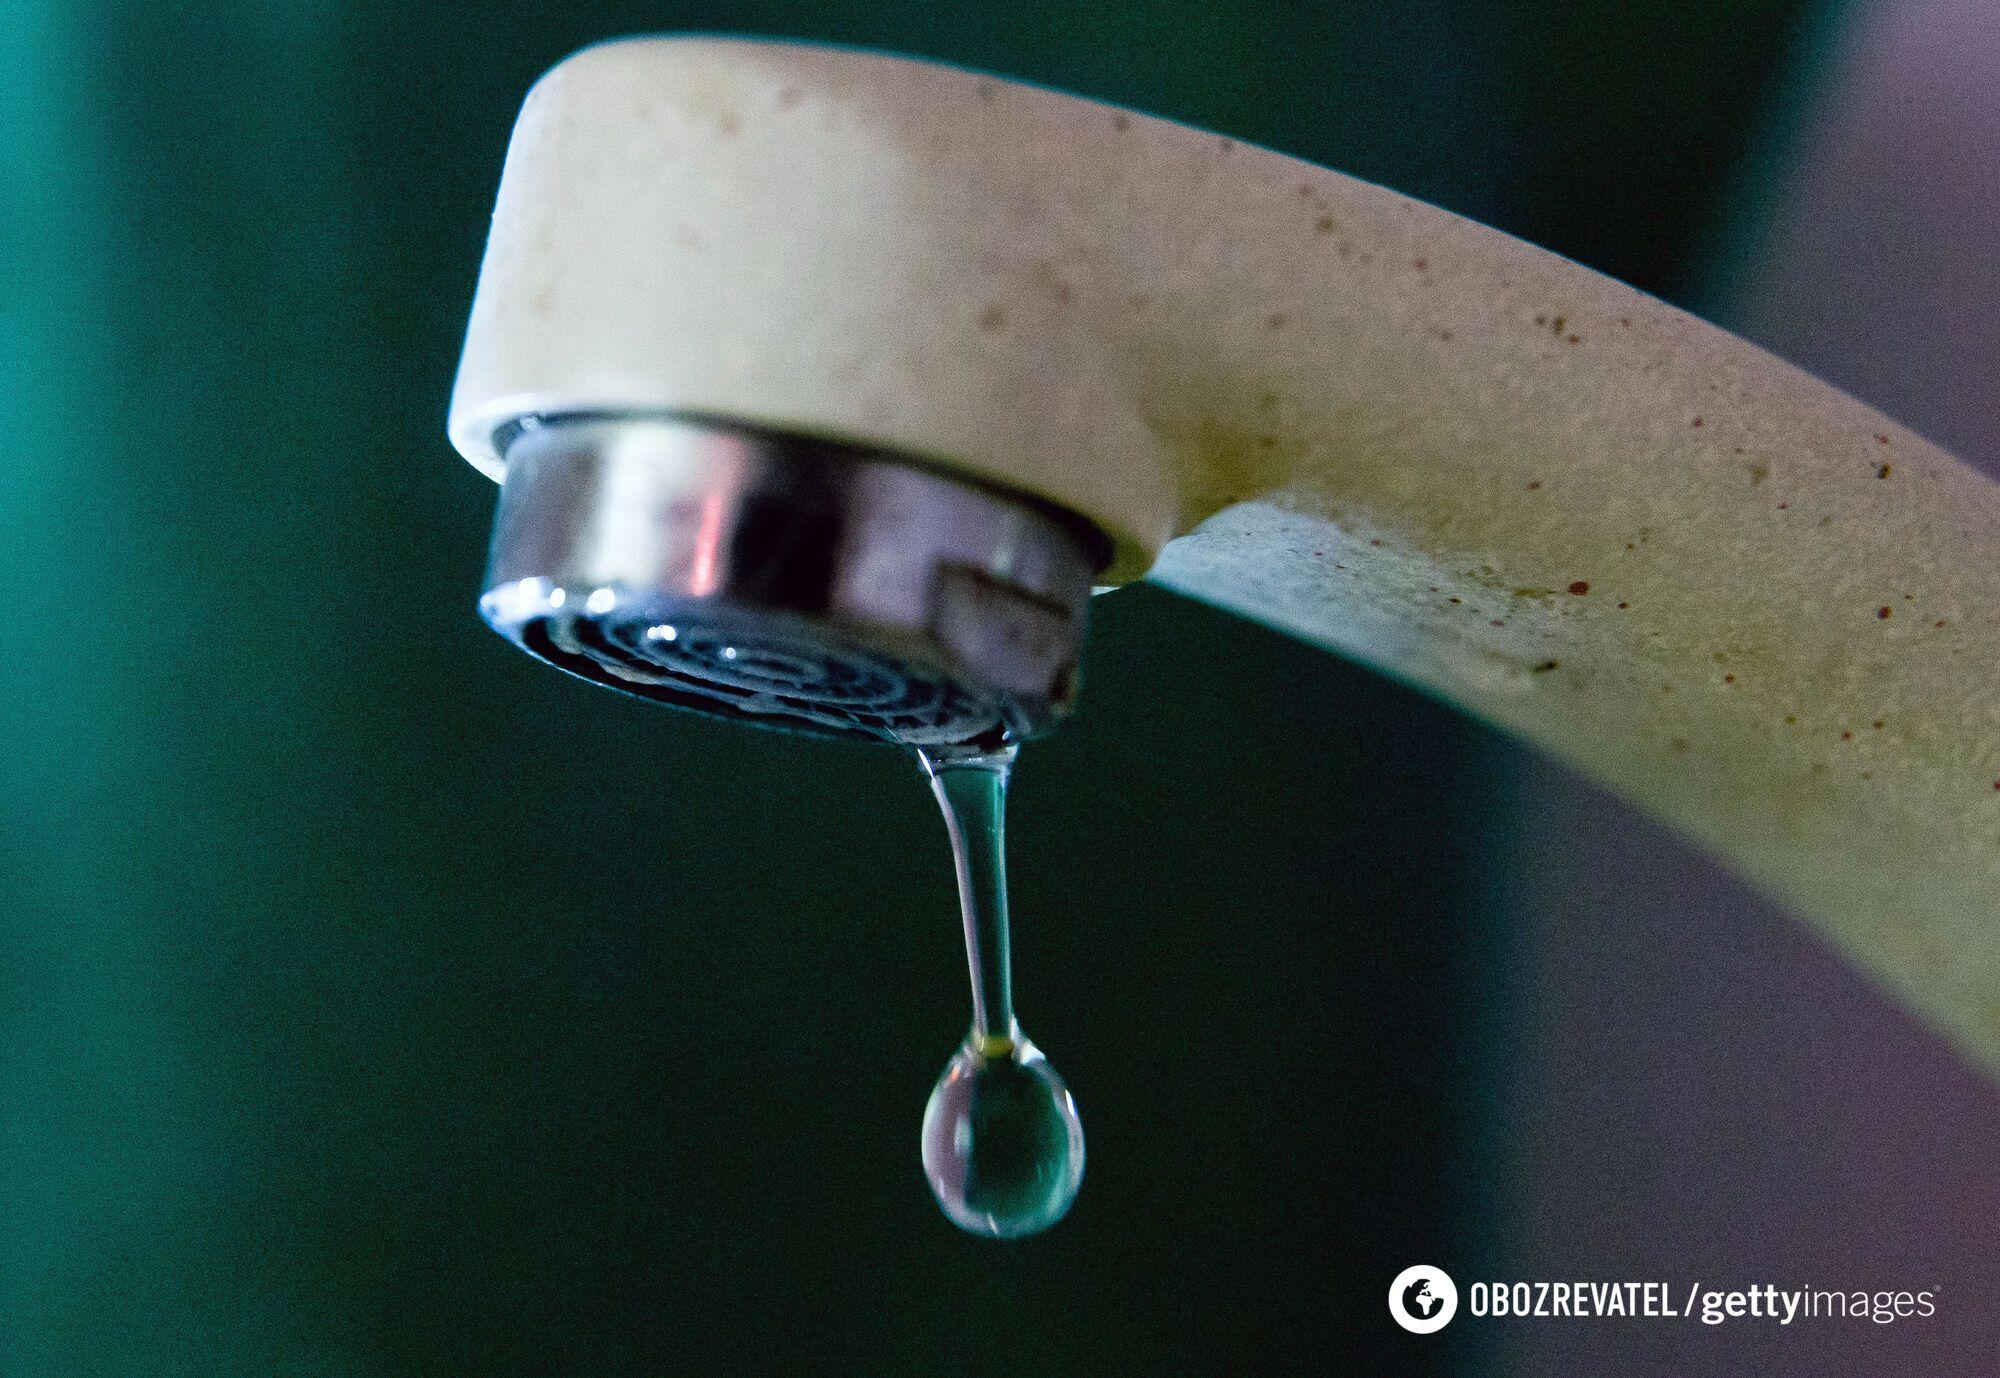 Станом на початок 2021 року в анексованому Криму пересохли водосховища з питною водою